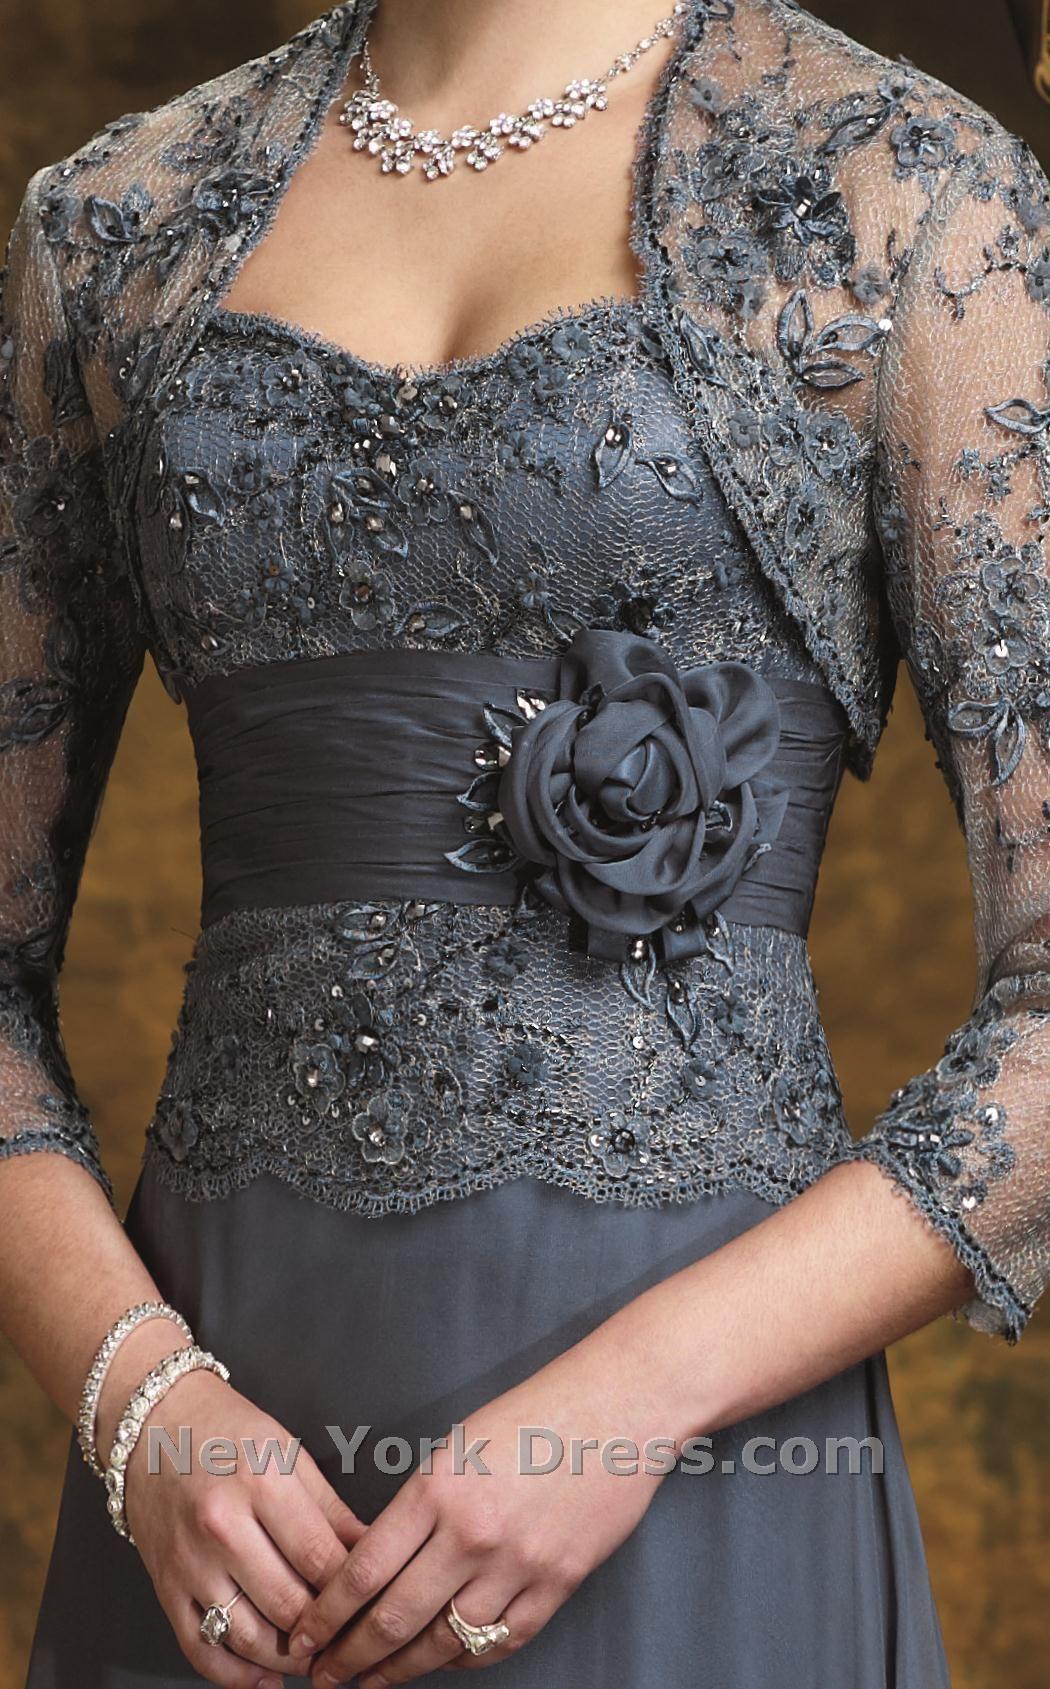 Black lace dress 3/4 sleeve may 2019 Maria Medina mariamedina on Pinterest